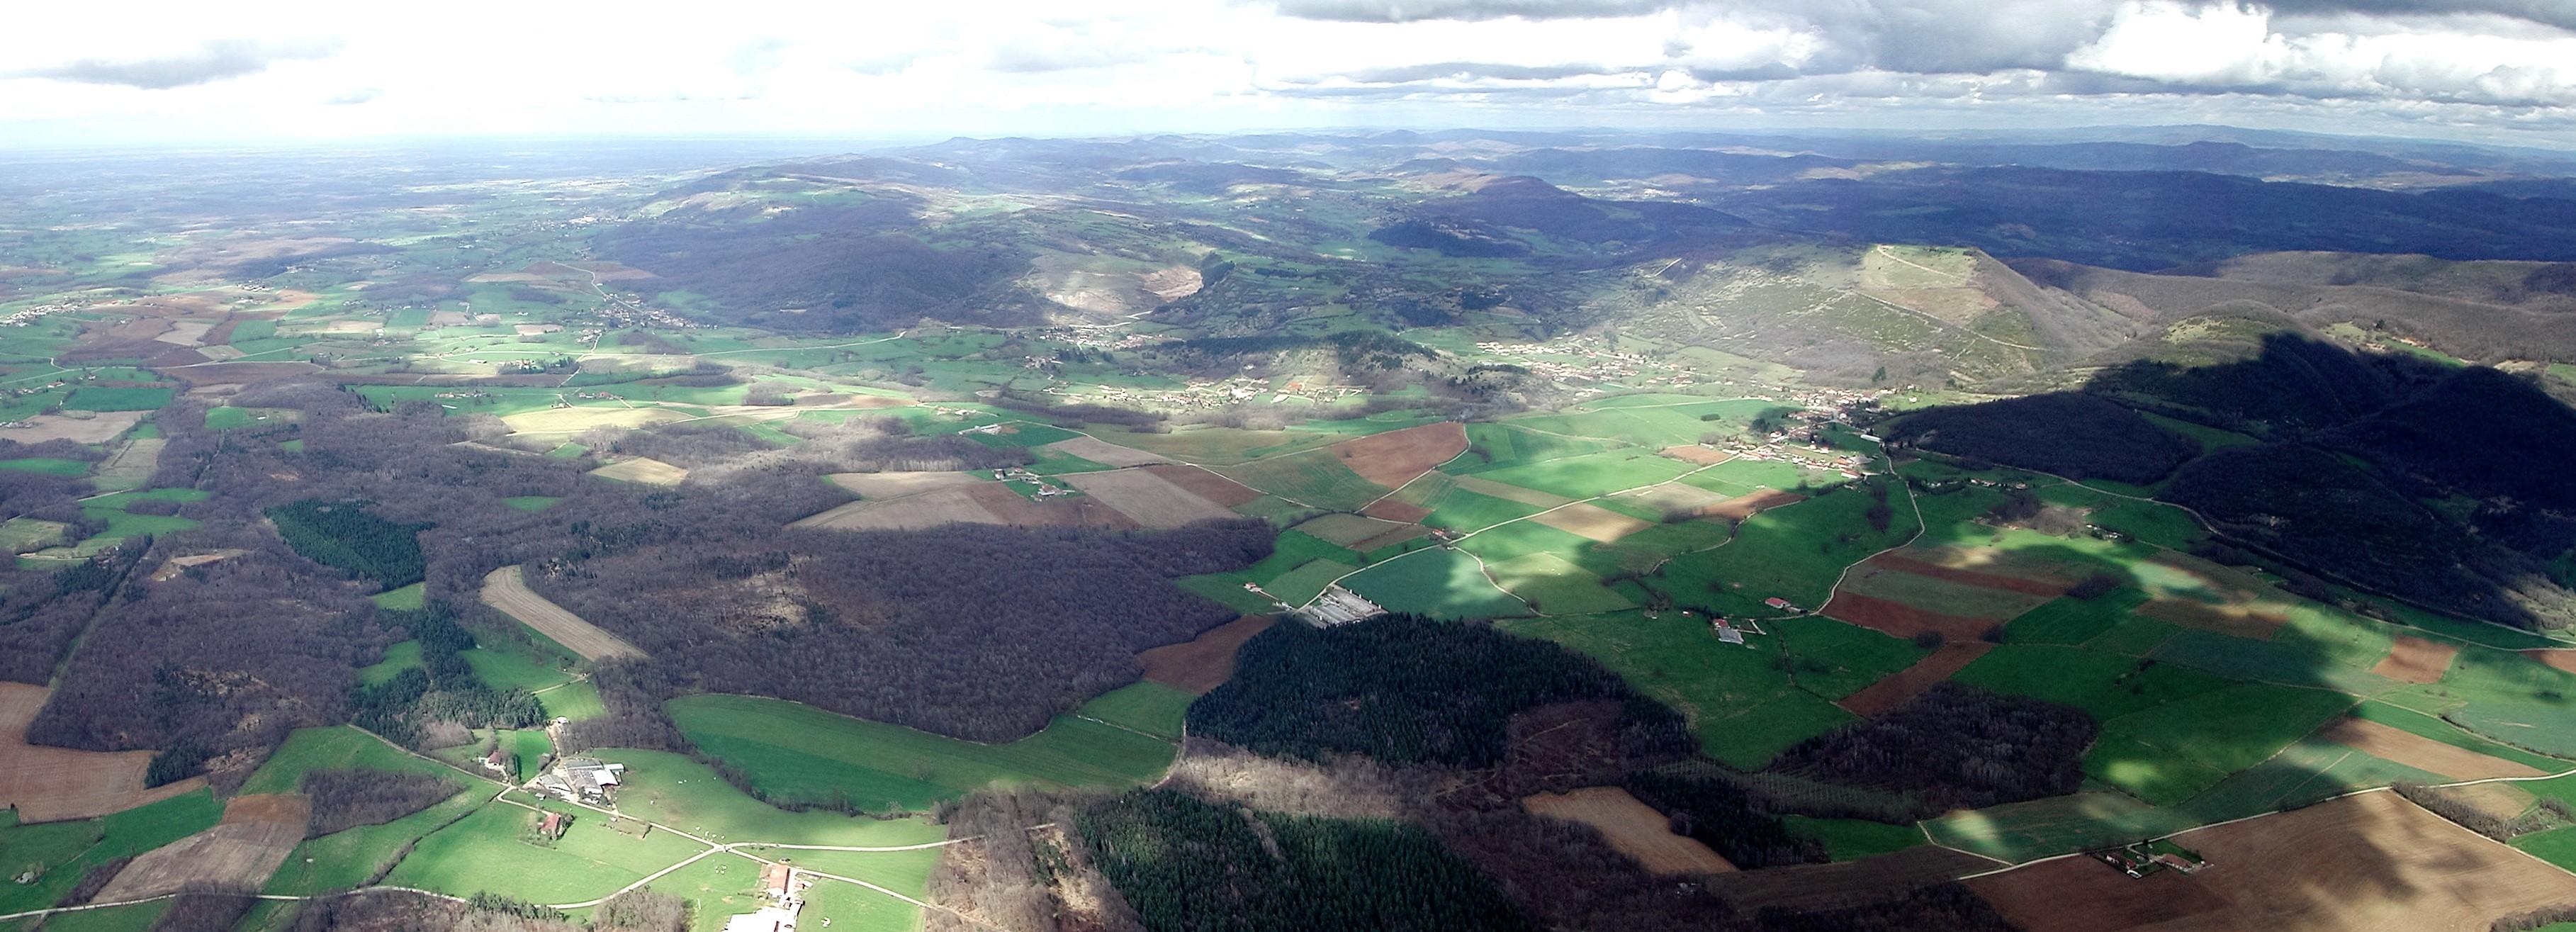 Mont Myon pano